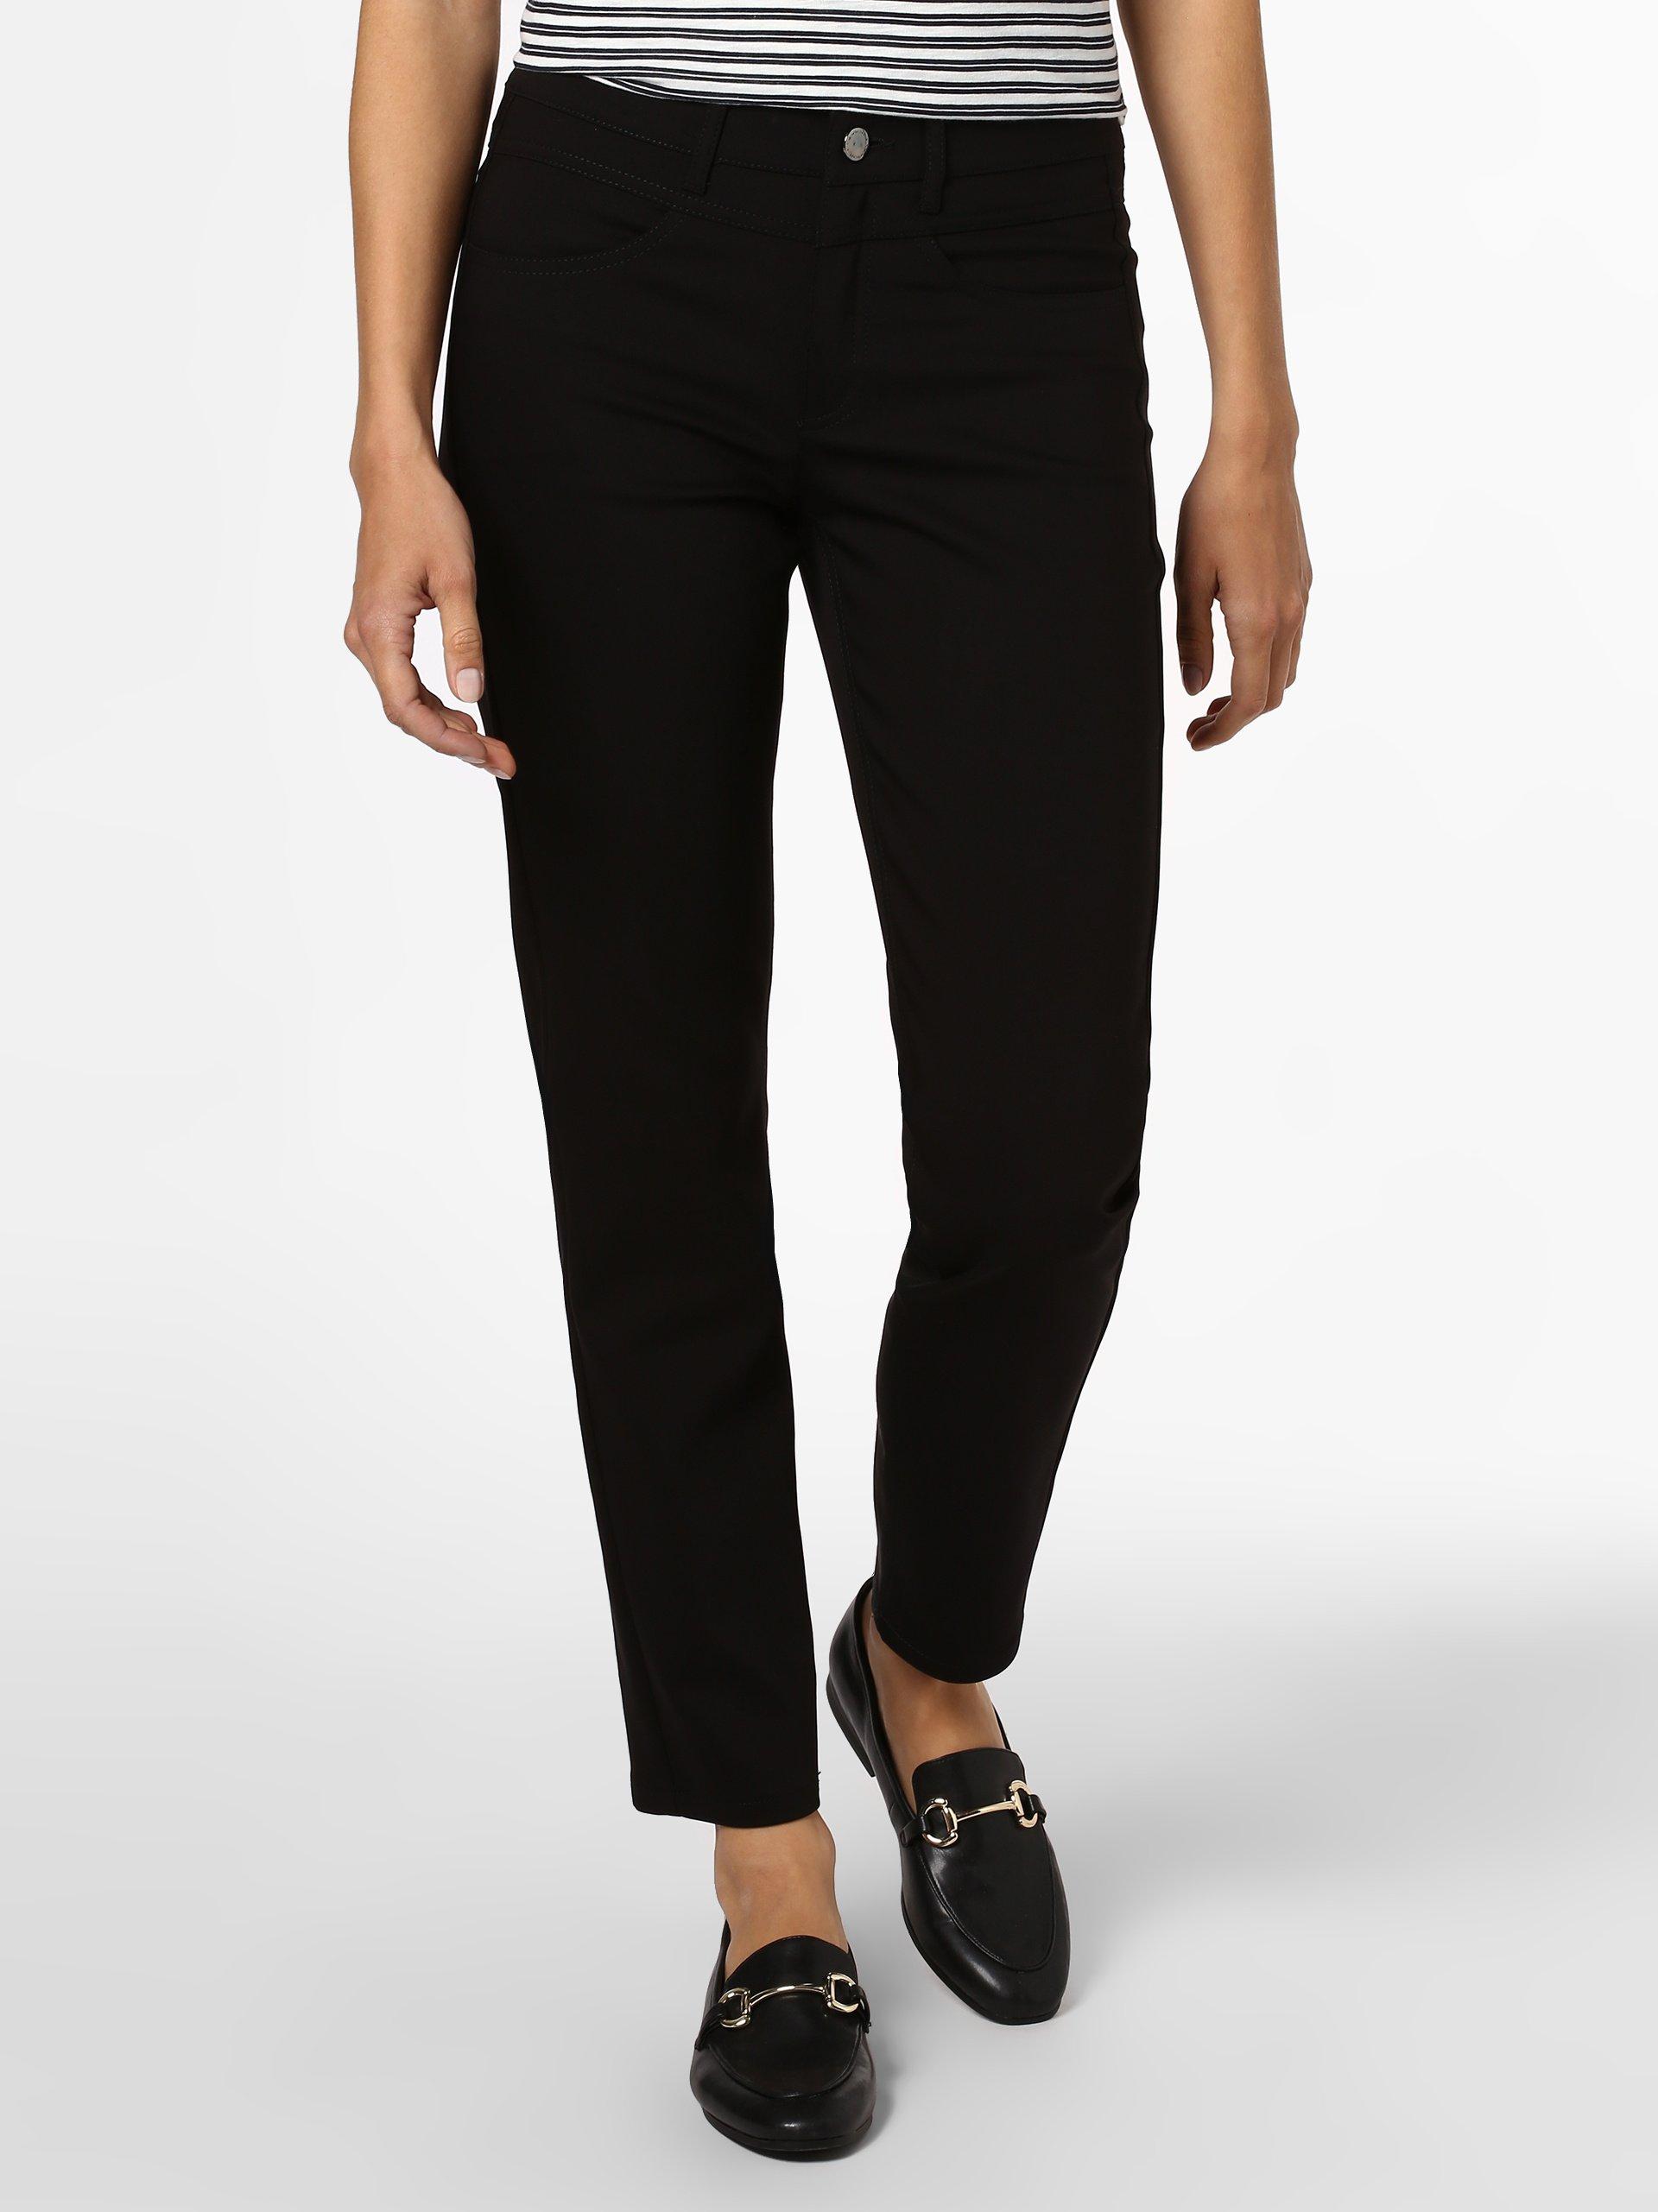 Apriori Spodnie damskie